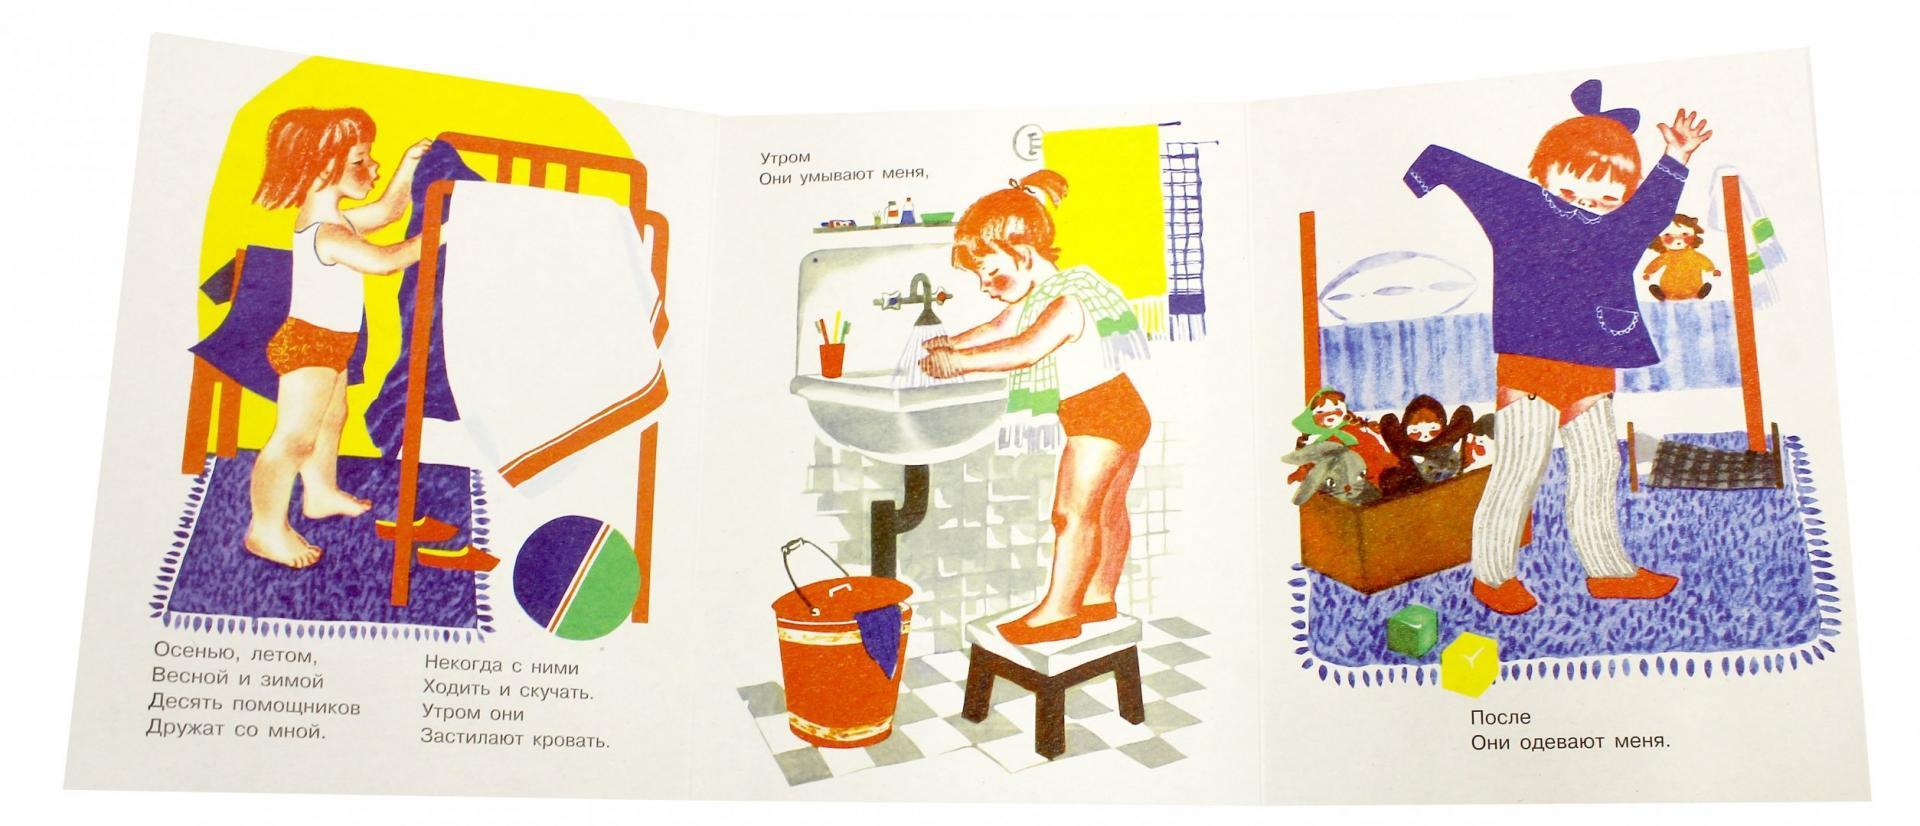 Иллюстрация 1 из 25 для Раскладушка на картоне. Мои помощники - Владимир Орлов | Лабиринт - книги. Источник: Лабиринт